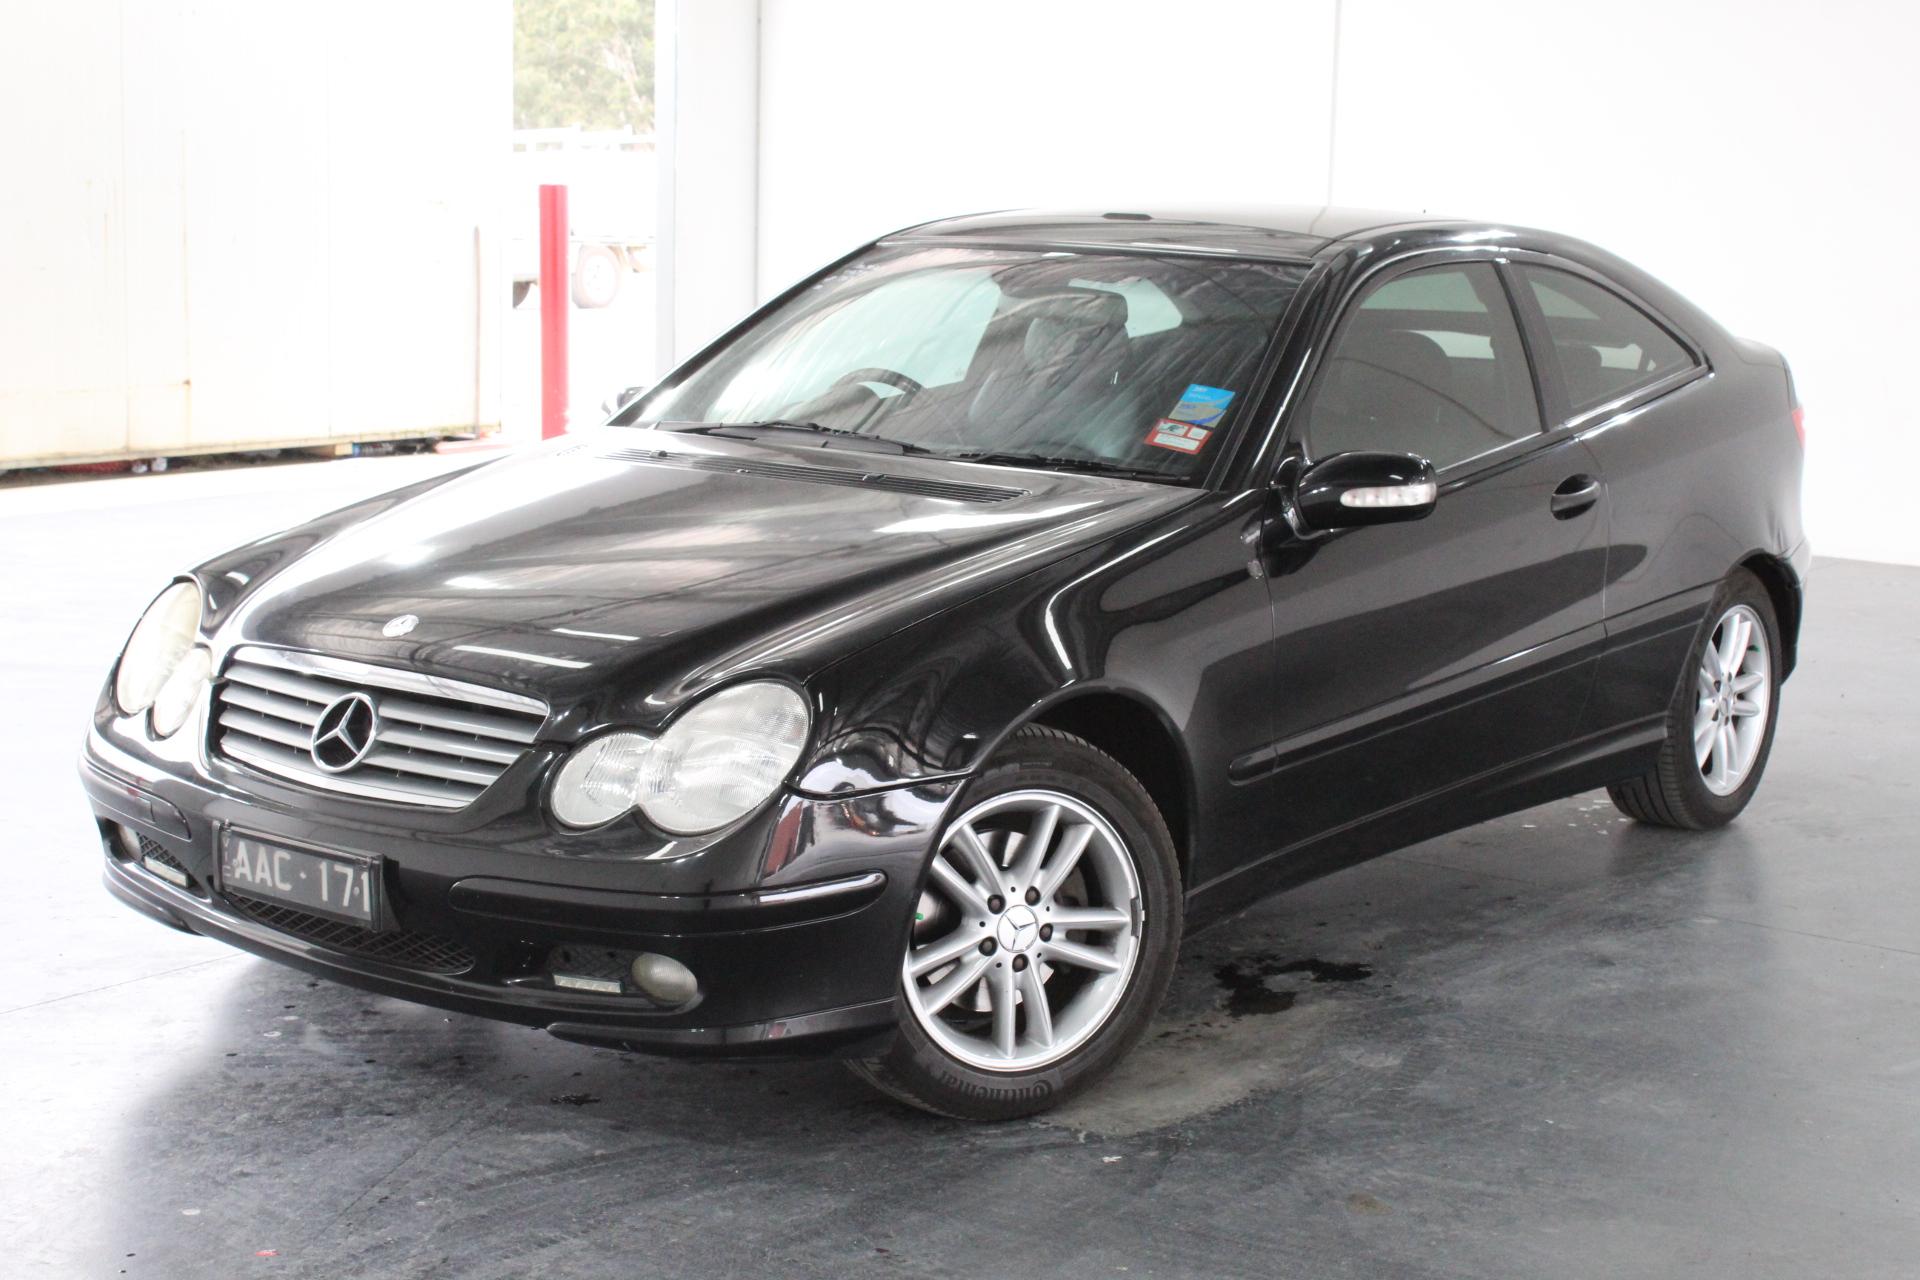 2002 Mercedes Benz C200 Kompressor CL203 Manual Coupe